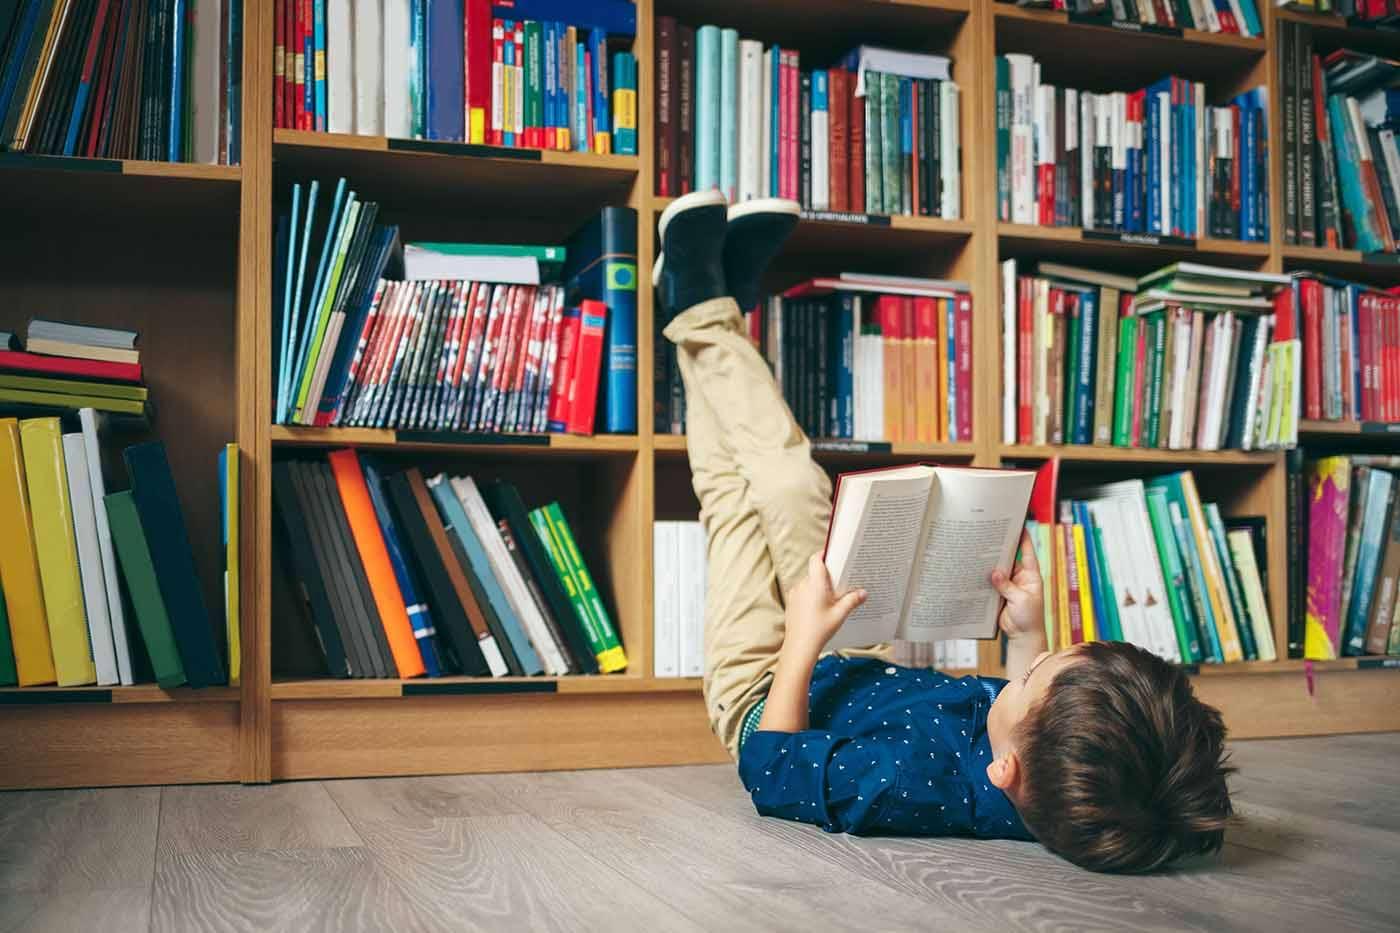 Cititul cărților de ficțiune sporește abilitățile verbale [studiu]